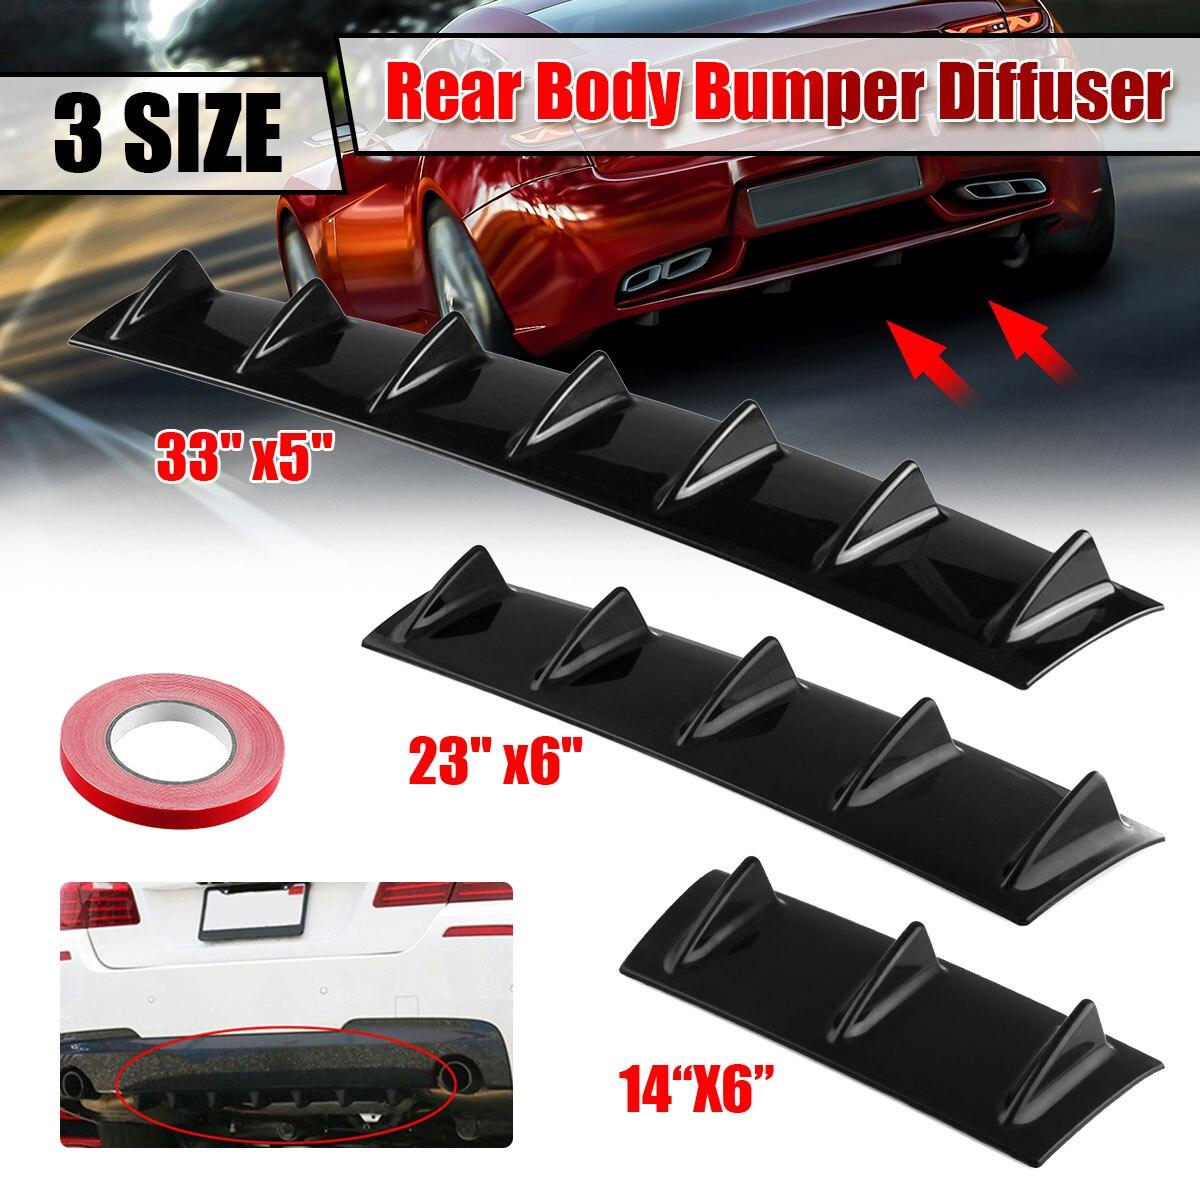 Połysk czarny uniwersalny tylny zderzak samochodowy dyfuzor Splitter rekina 3 5 7Fin zestaw tylny zderzak wargi spojler dla Honda dla Toyota dla Benz